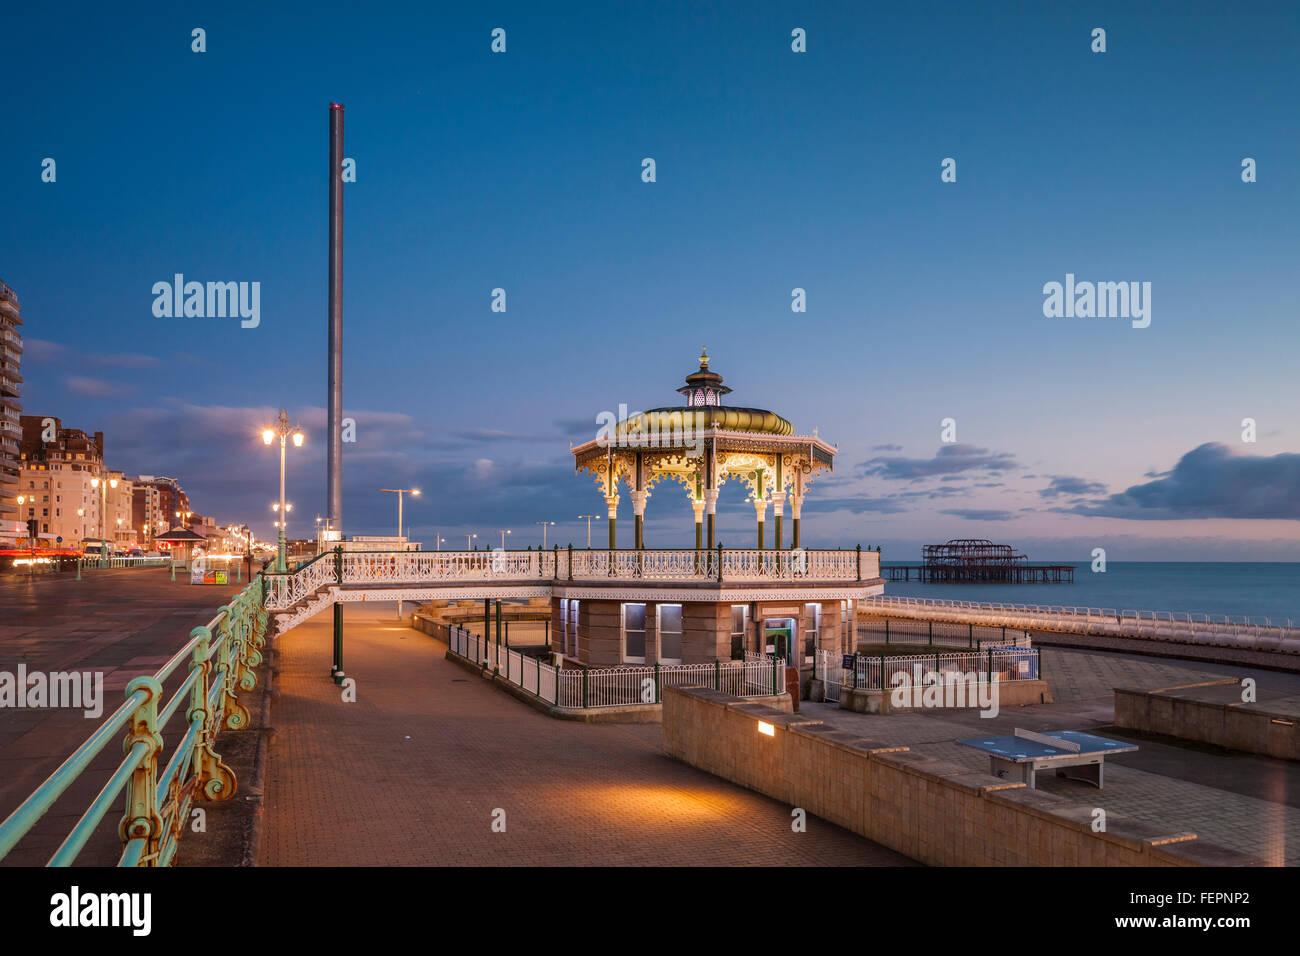 Soirée au kiosque sur le front de mer de Brighton, East Sussex, Angleterre. Photo Stock